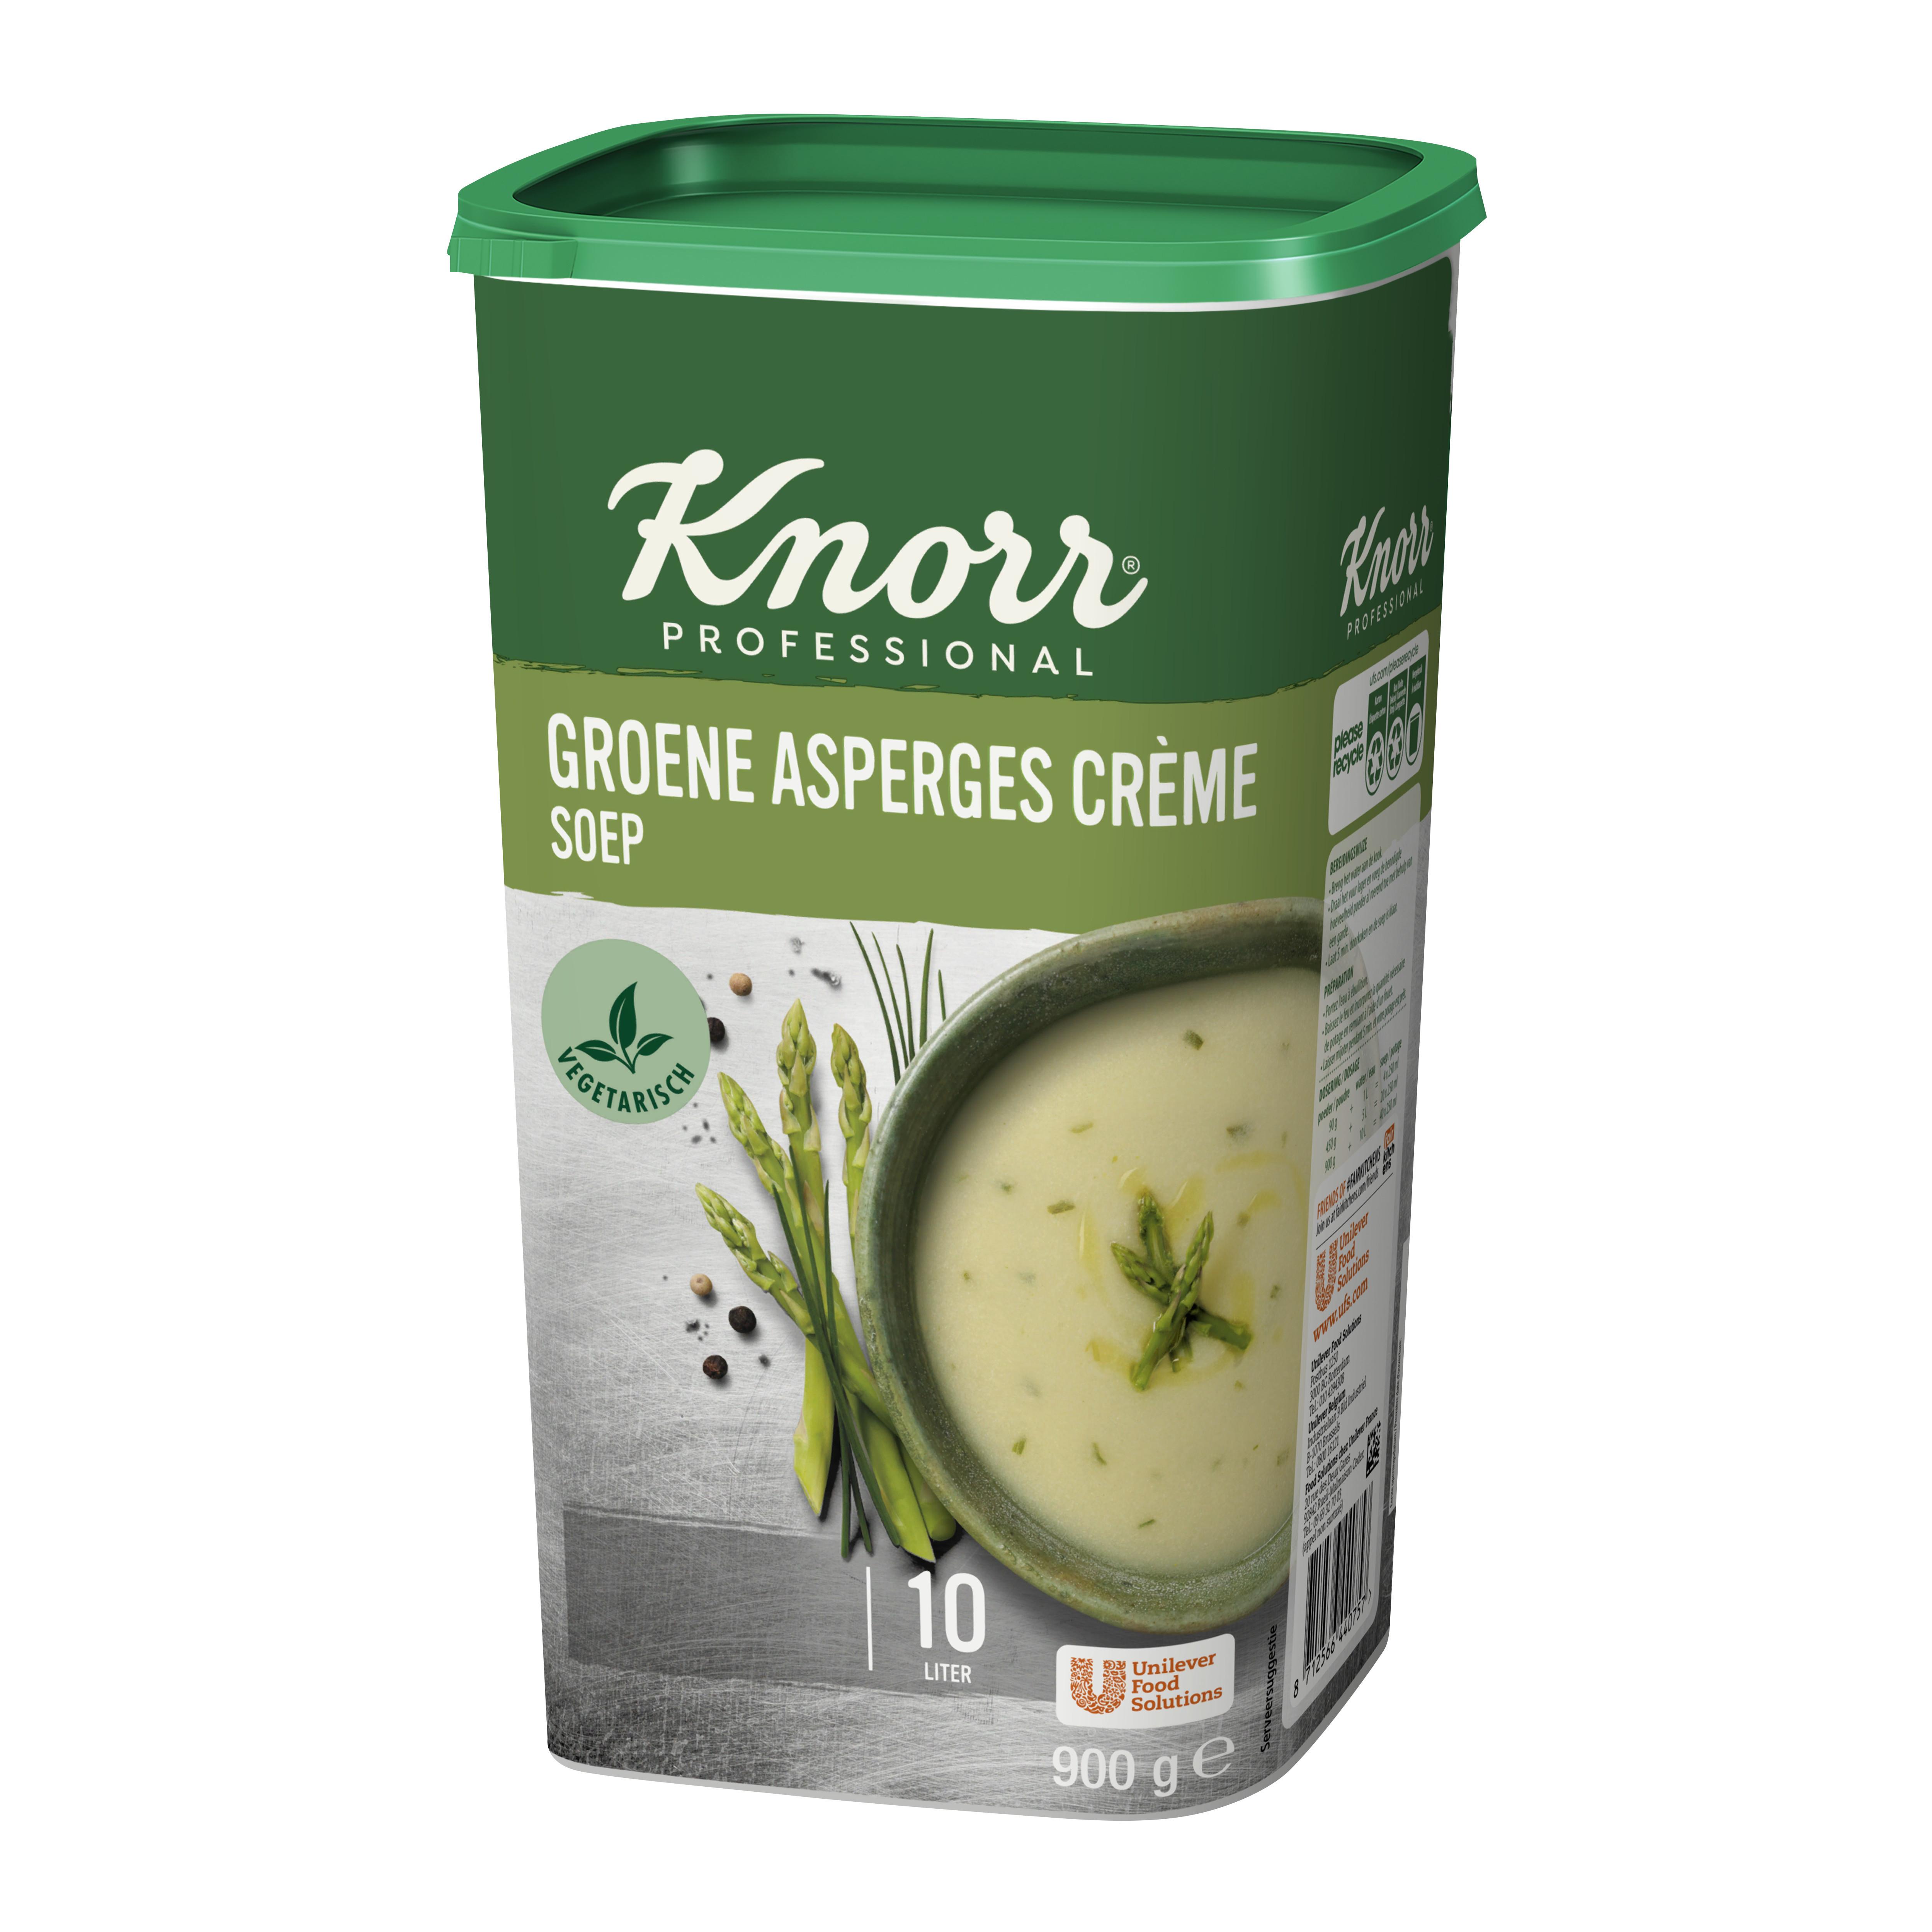 Knorrsoep superieur groene aspergesoep 1.08kg